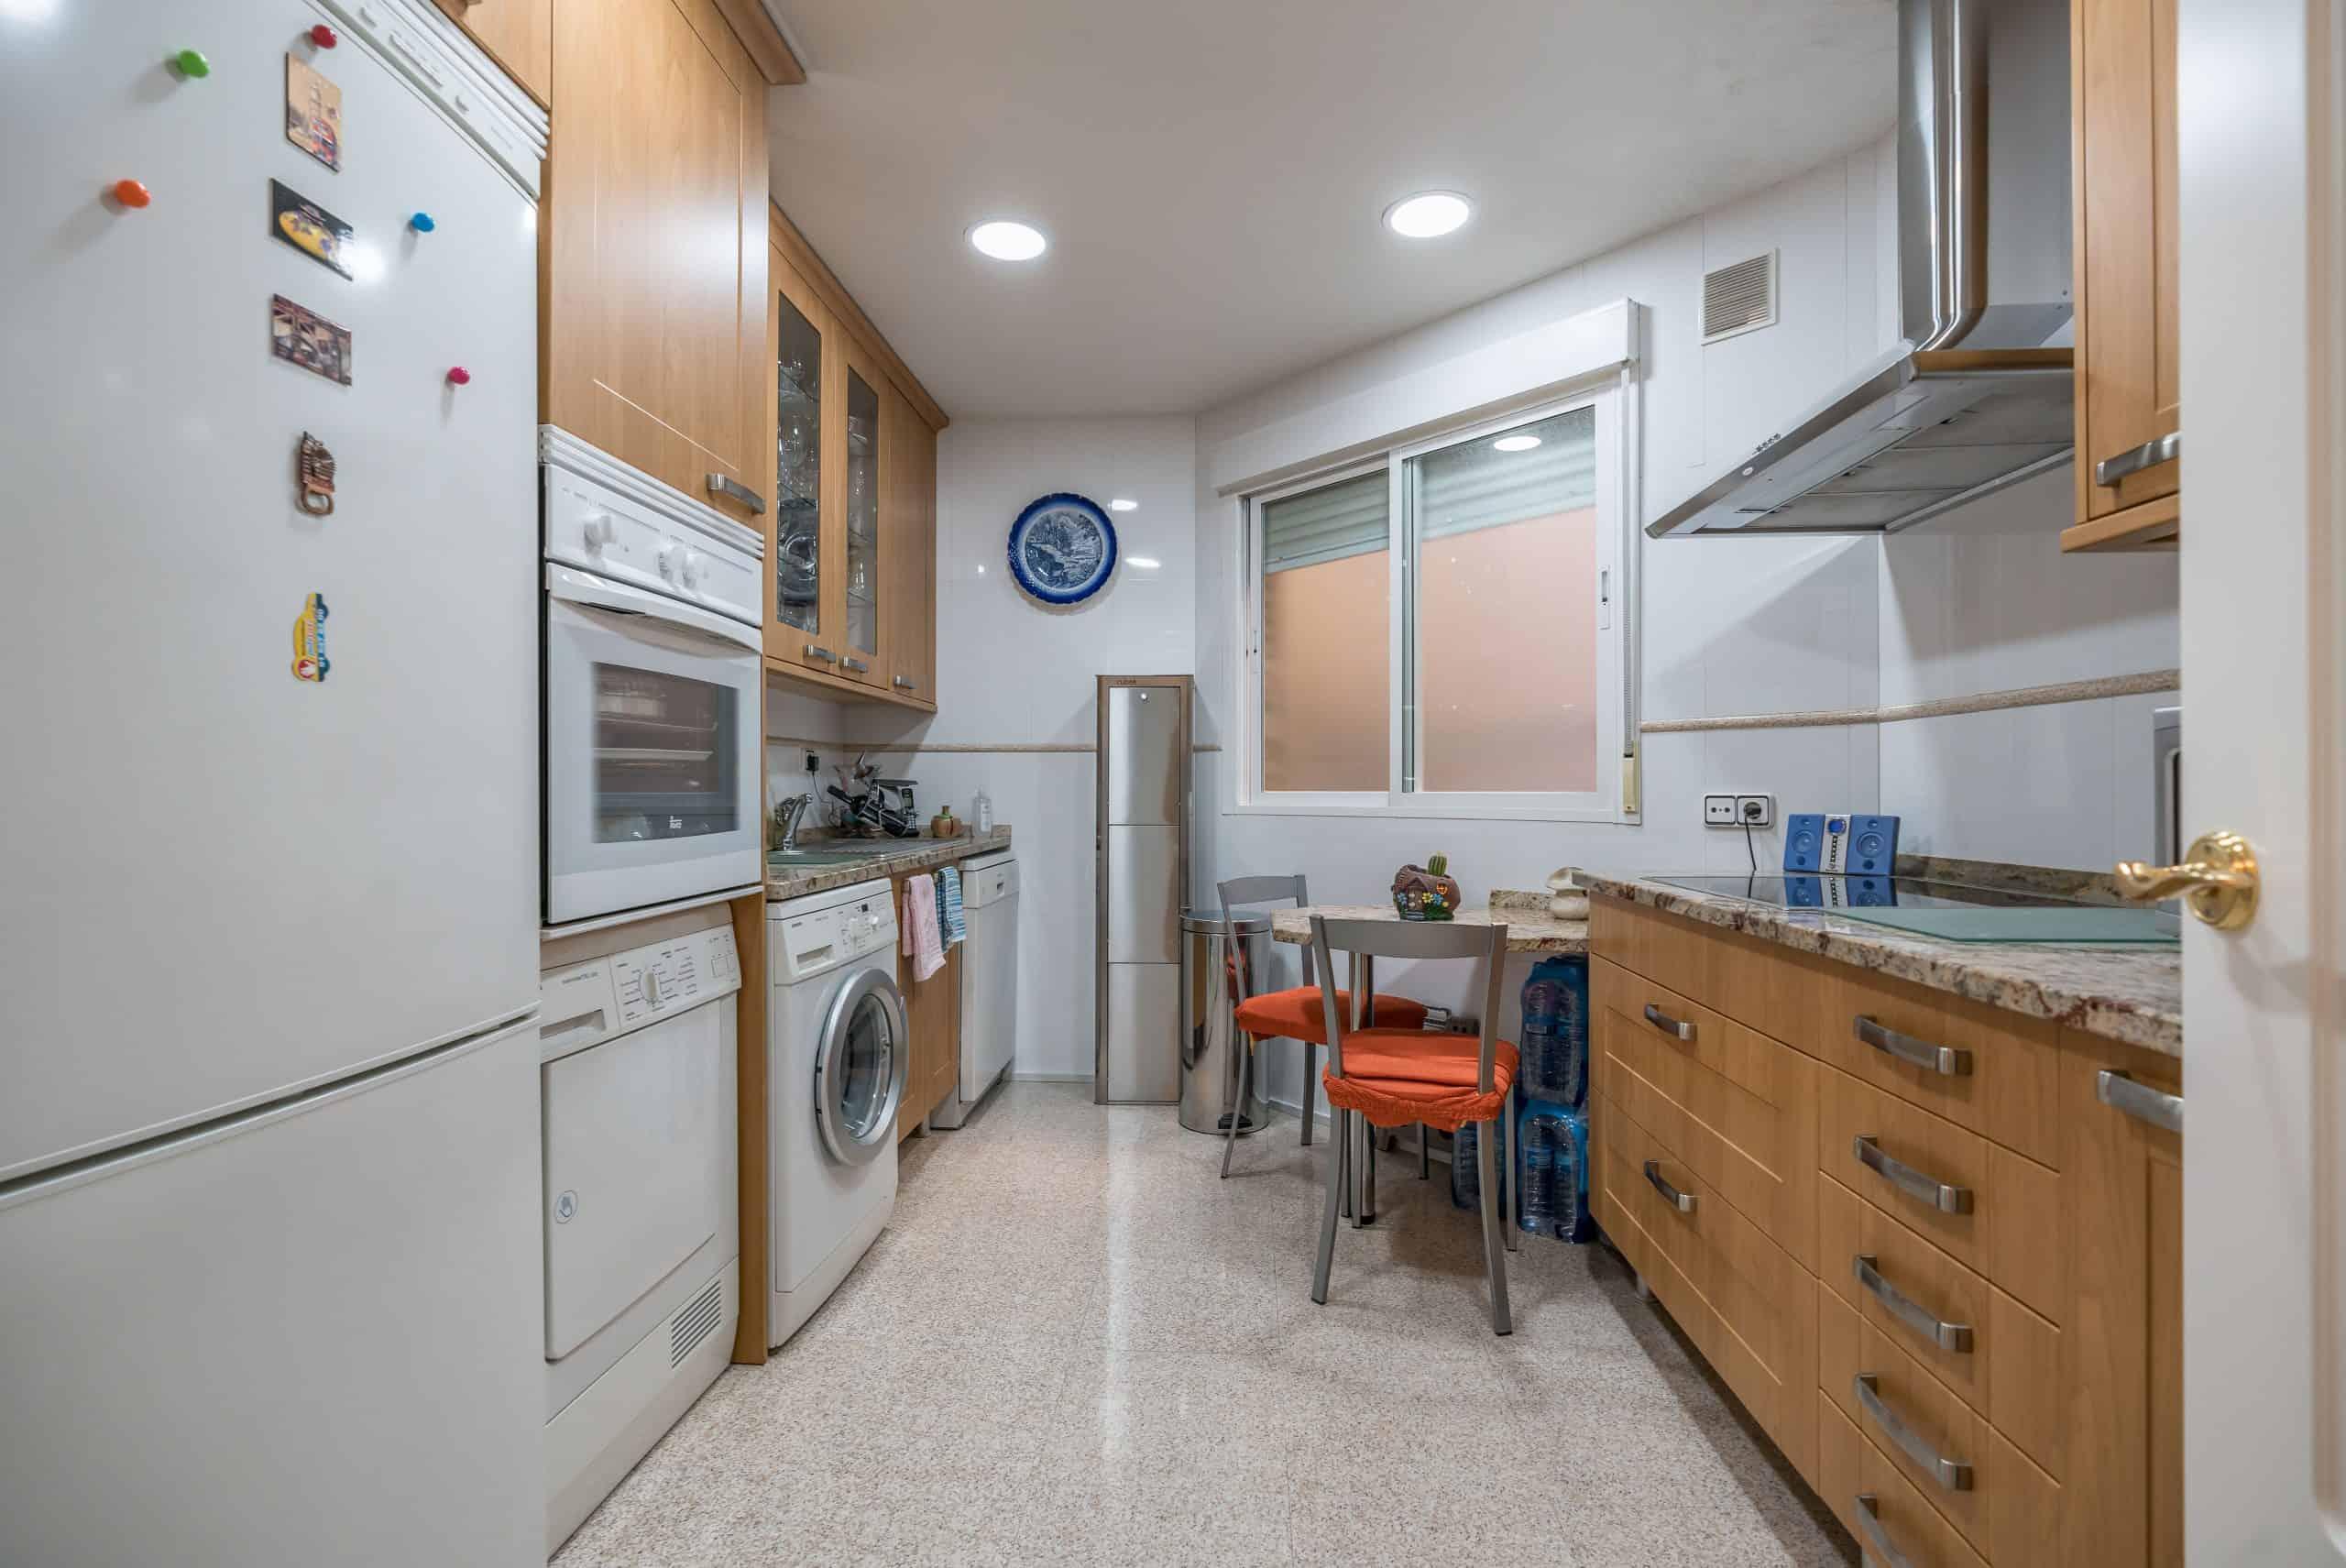 Agencia Inmobiliaria de Madrid-FUTUROCASA-Zona ARGANZUELA-EMBAJADORES-LEGAZPI -calle Santa María de la Cabeza5 COCINA (2)